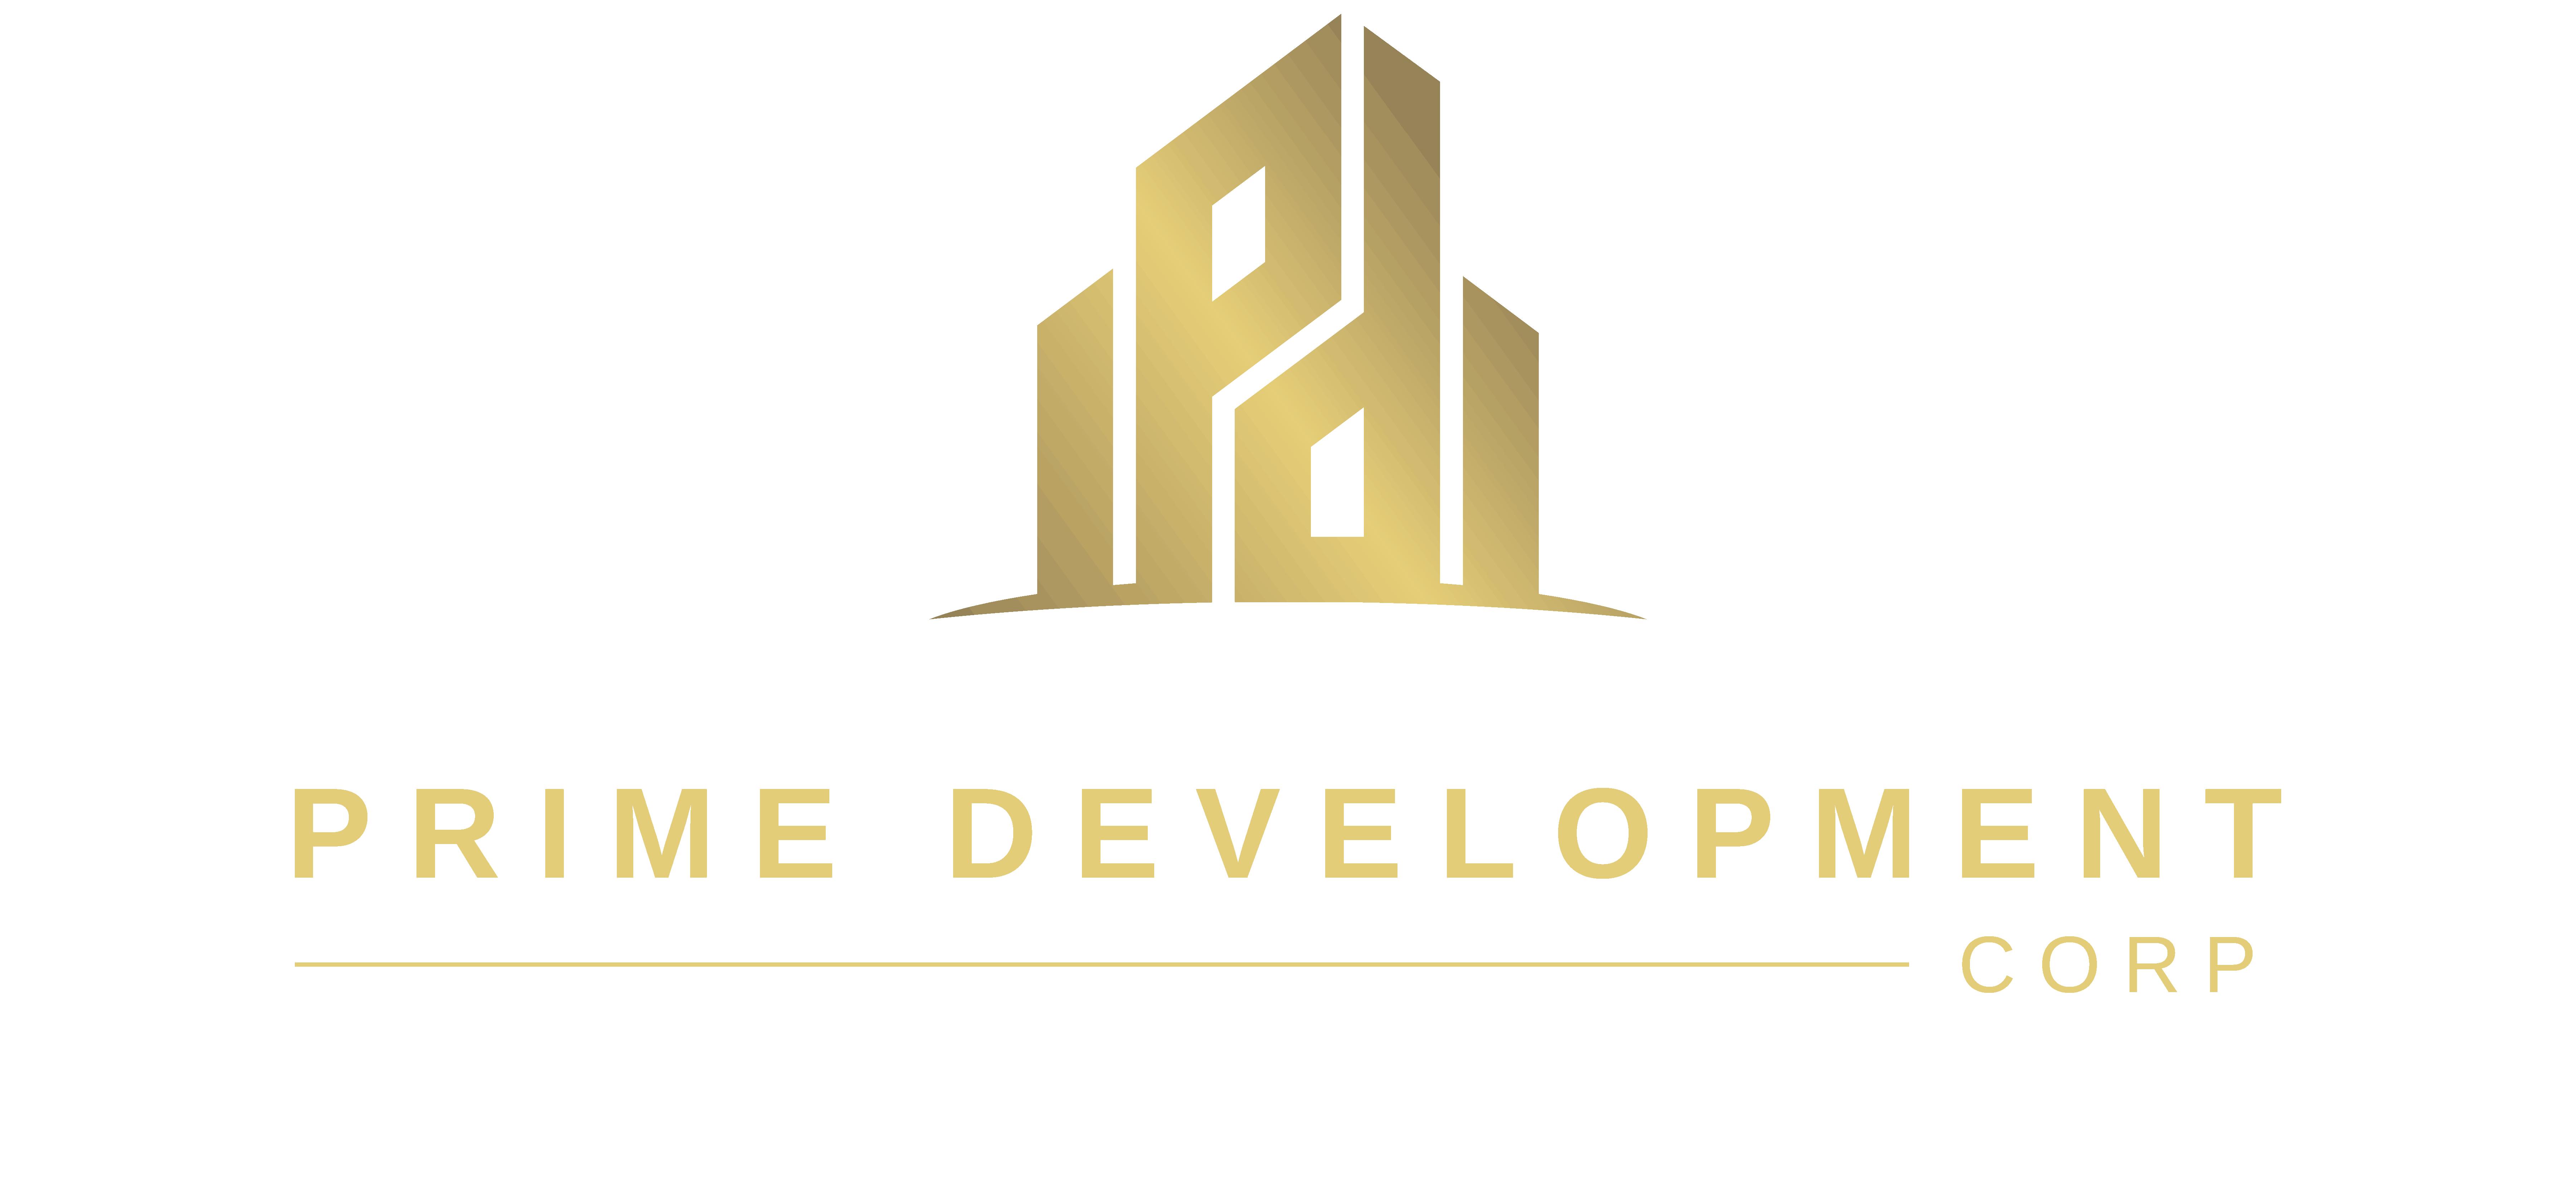 Prime Development Corp.